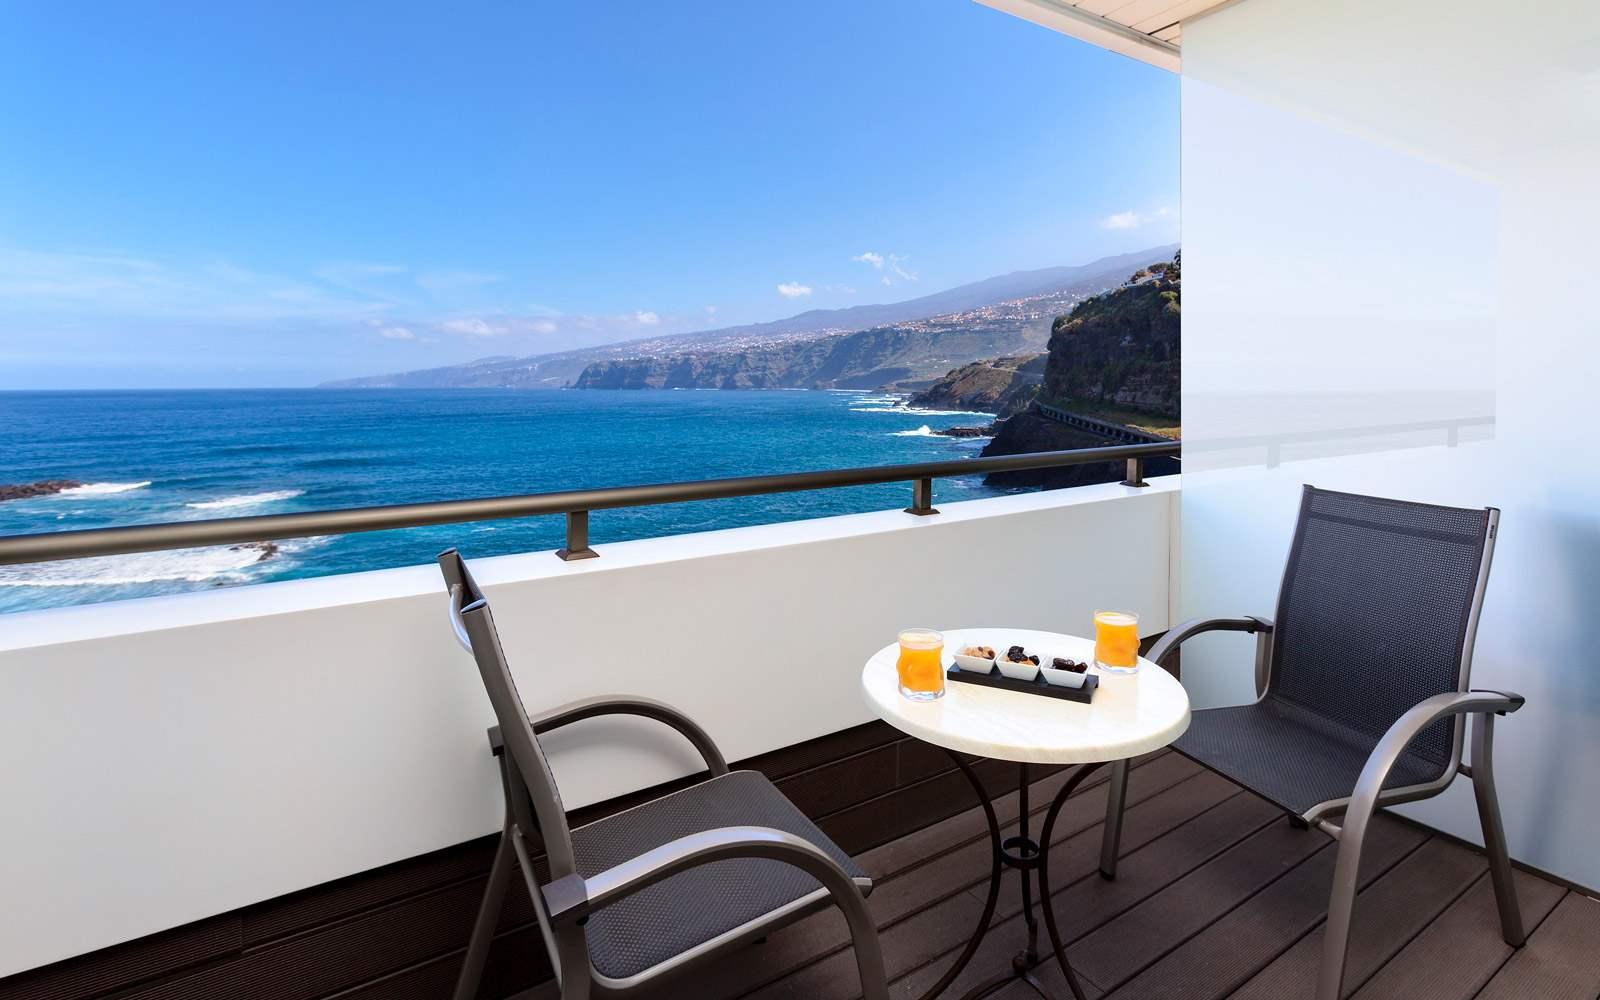 Sol Costa Atlantis Sol Room Sea View Balcony